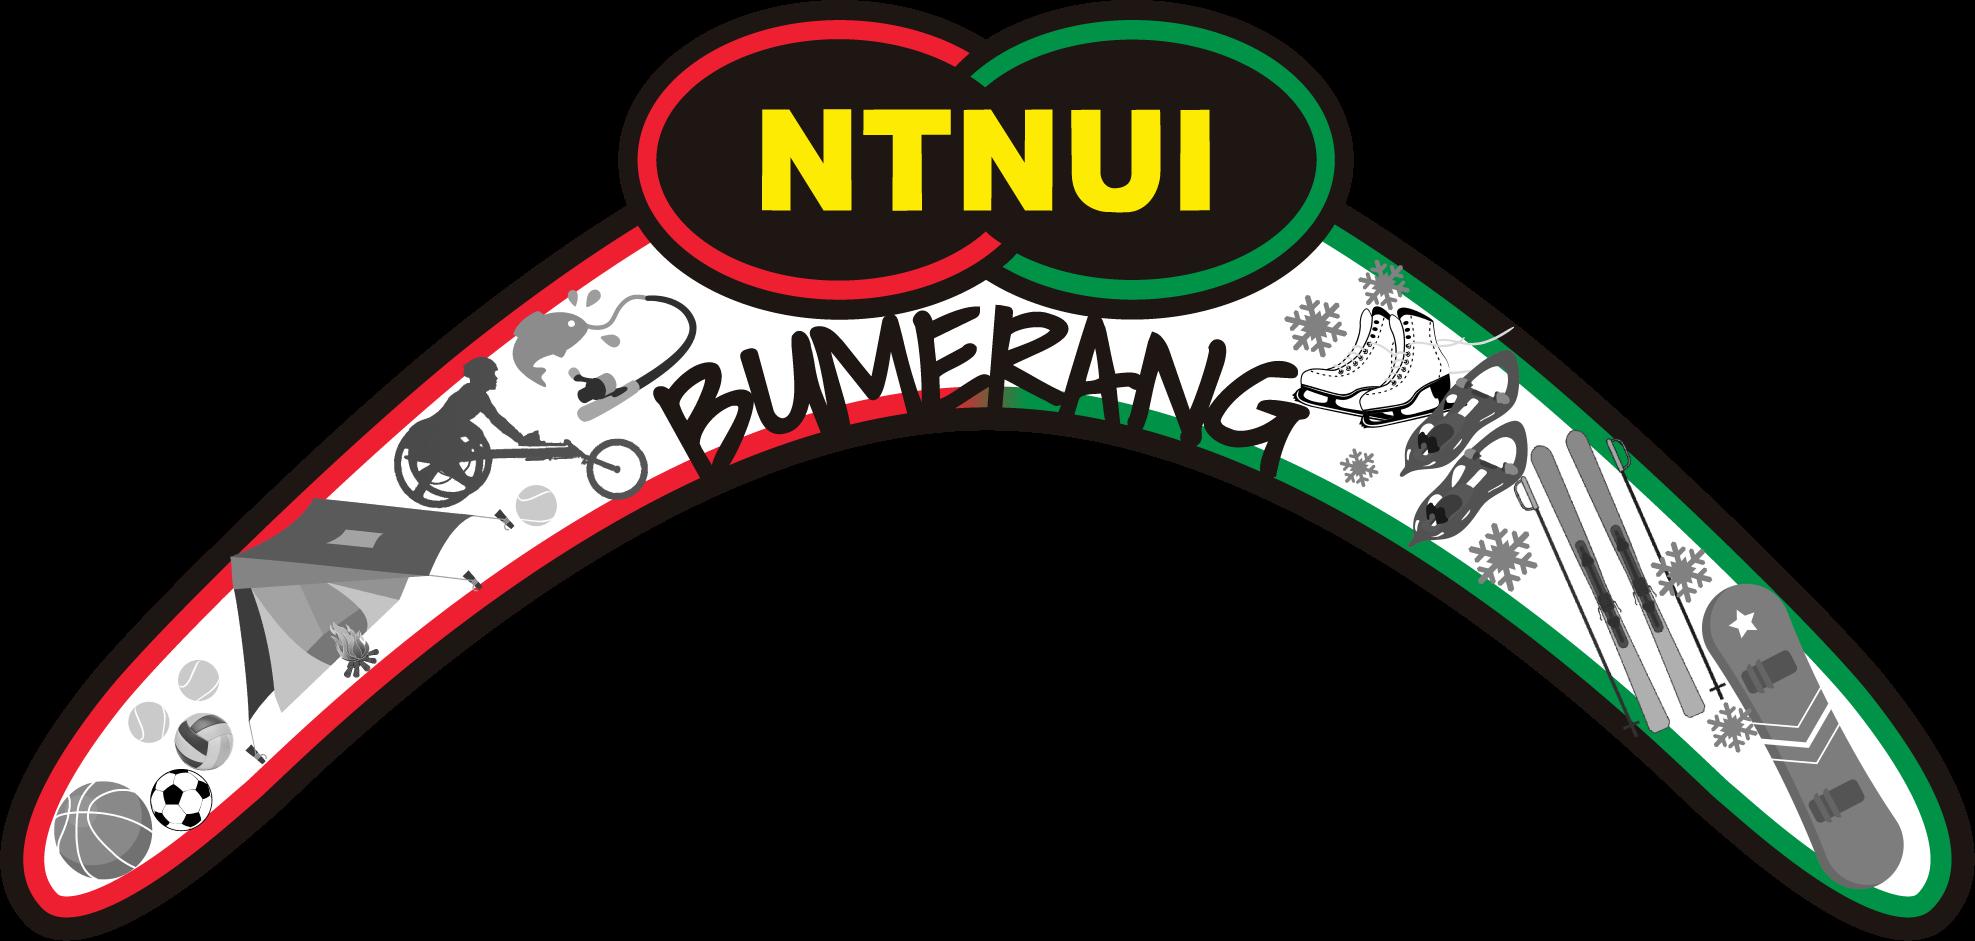 NTNUI Bumerang